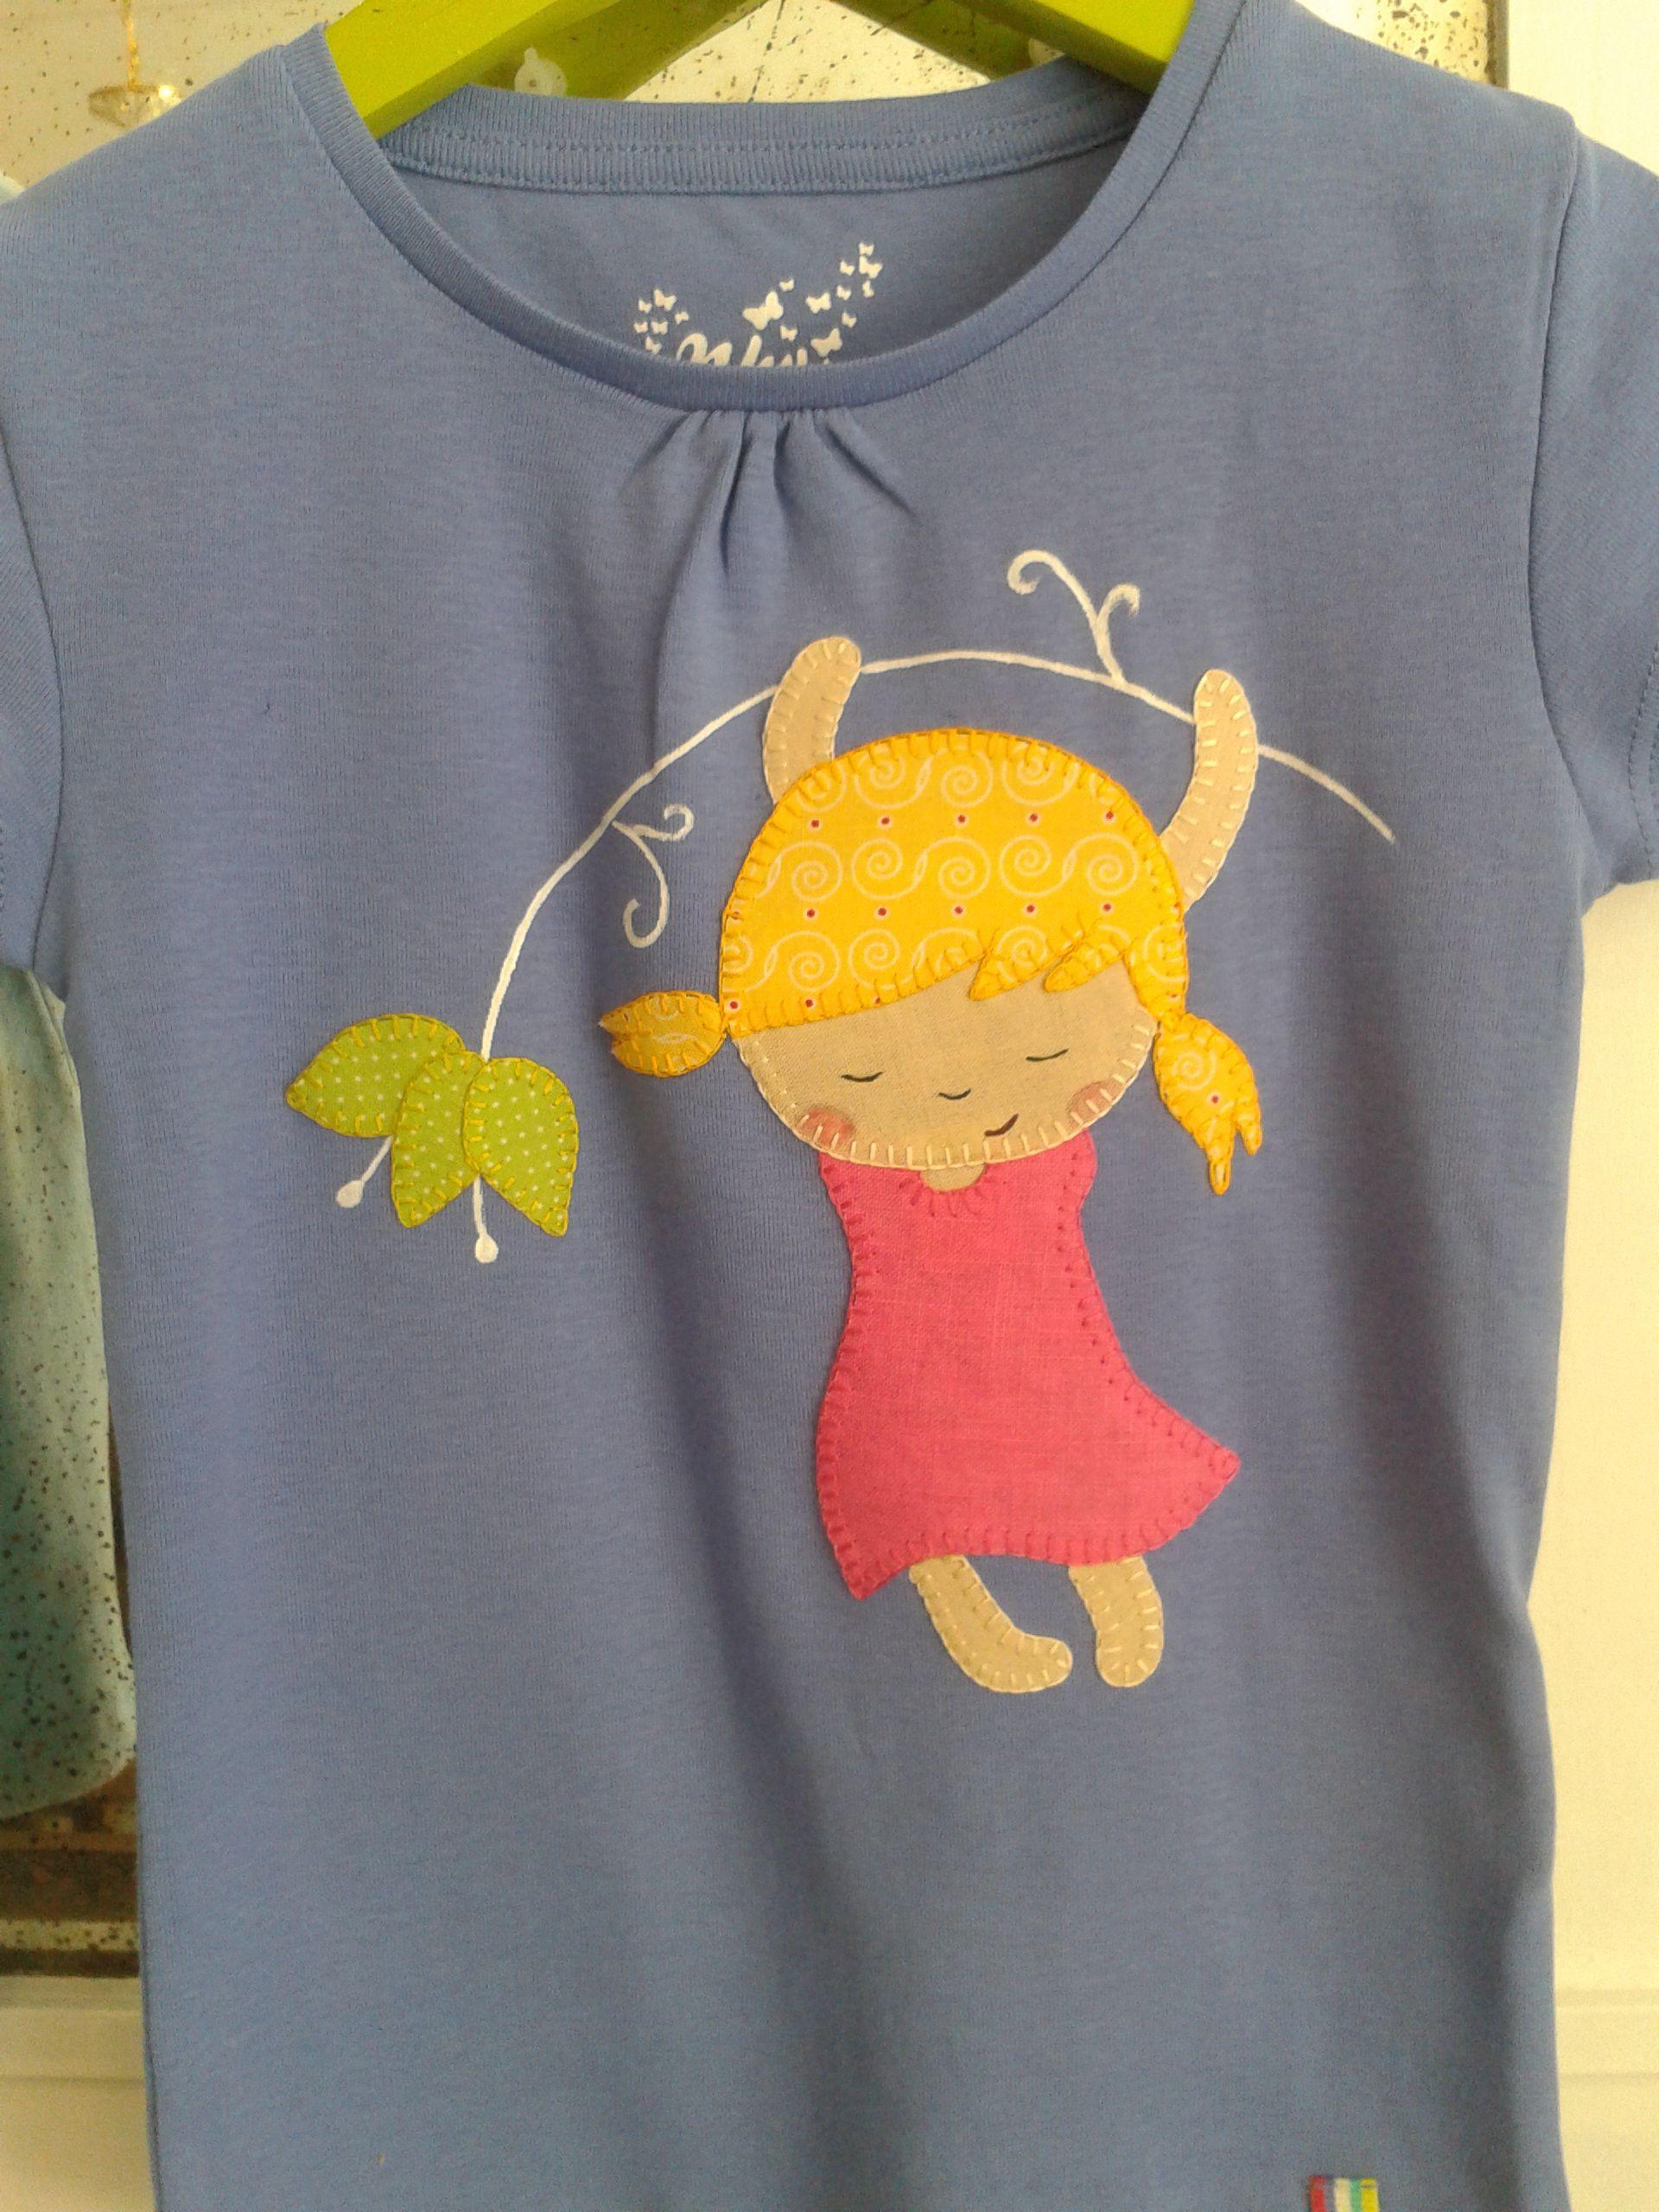 El taller del patch crea camisetas con mezcla de estilos - Pintura para camisetas ...